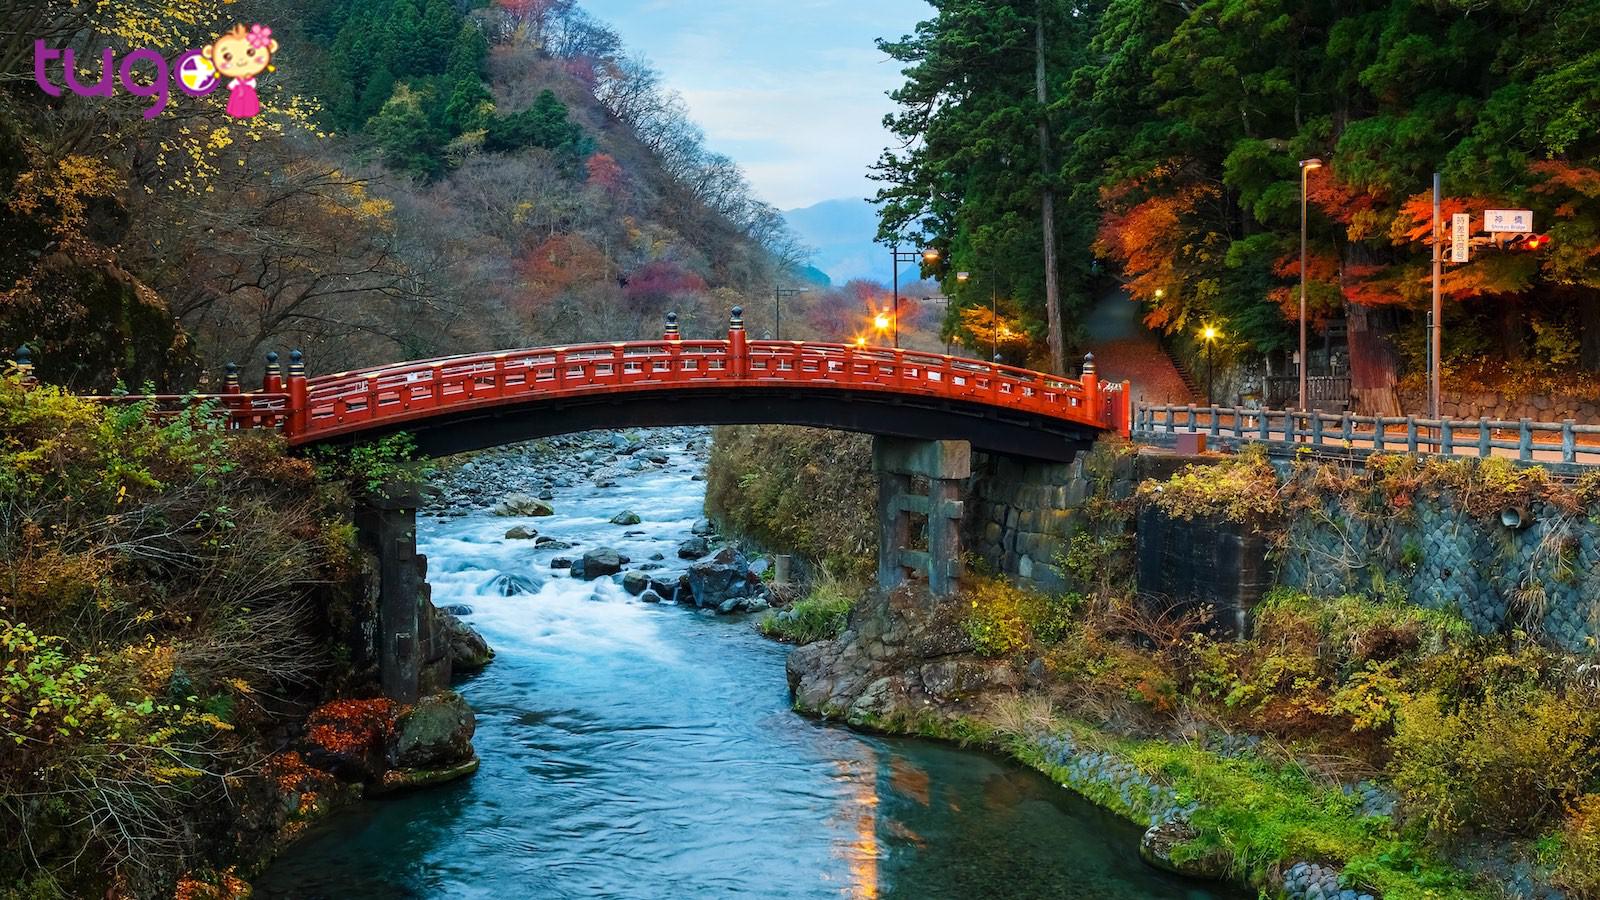 Nikko xứng đáng nằm trong danh sách các điểm đến đáng dừng chân trong chuyến du lịch Nhật Bản 2018 của bạn